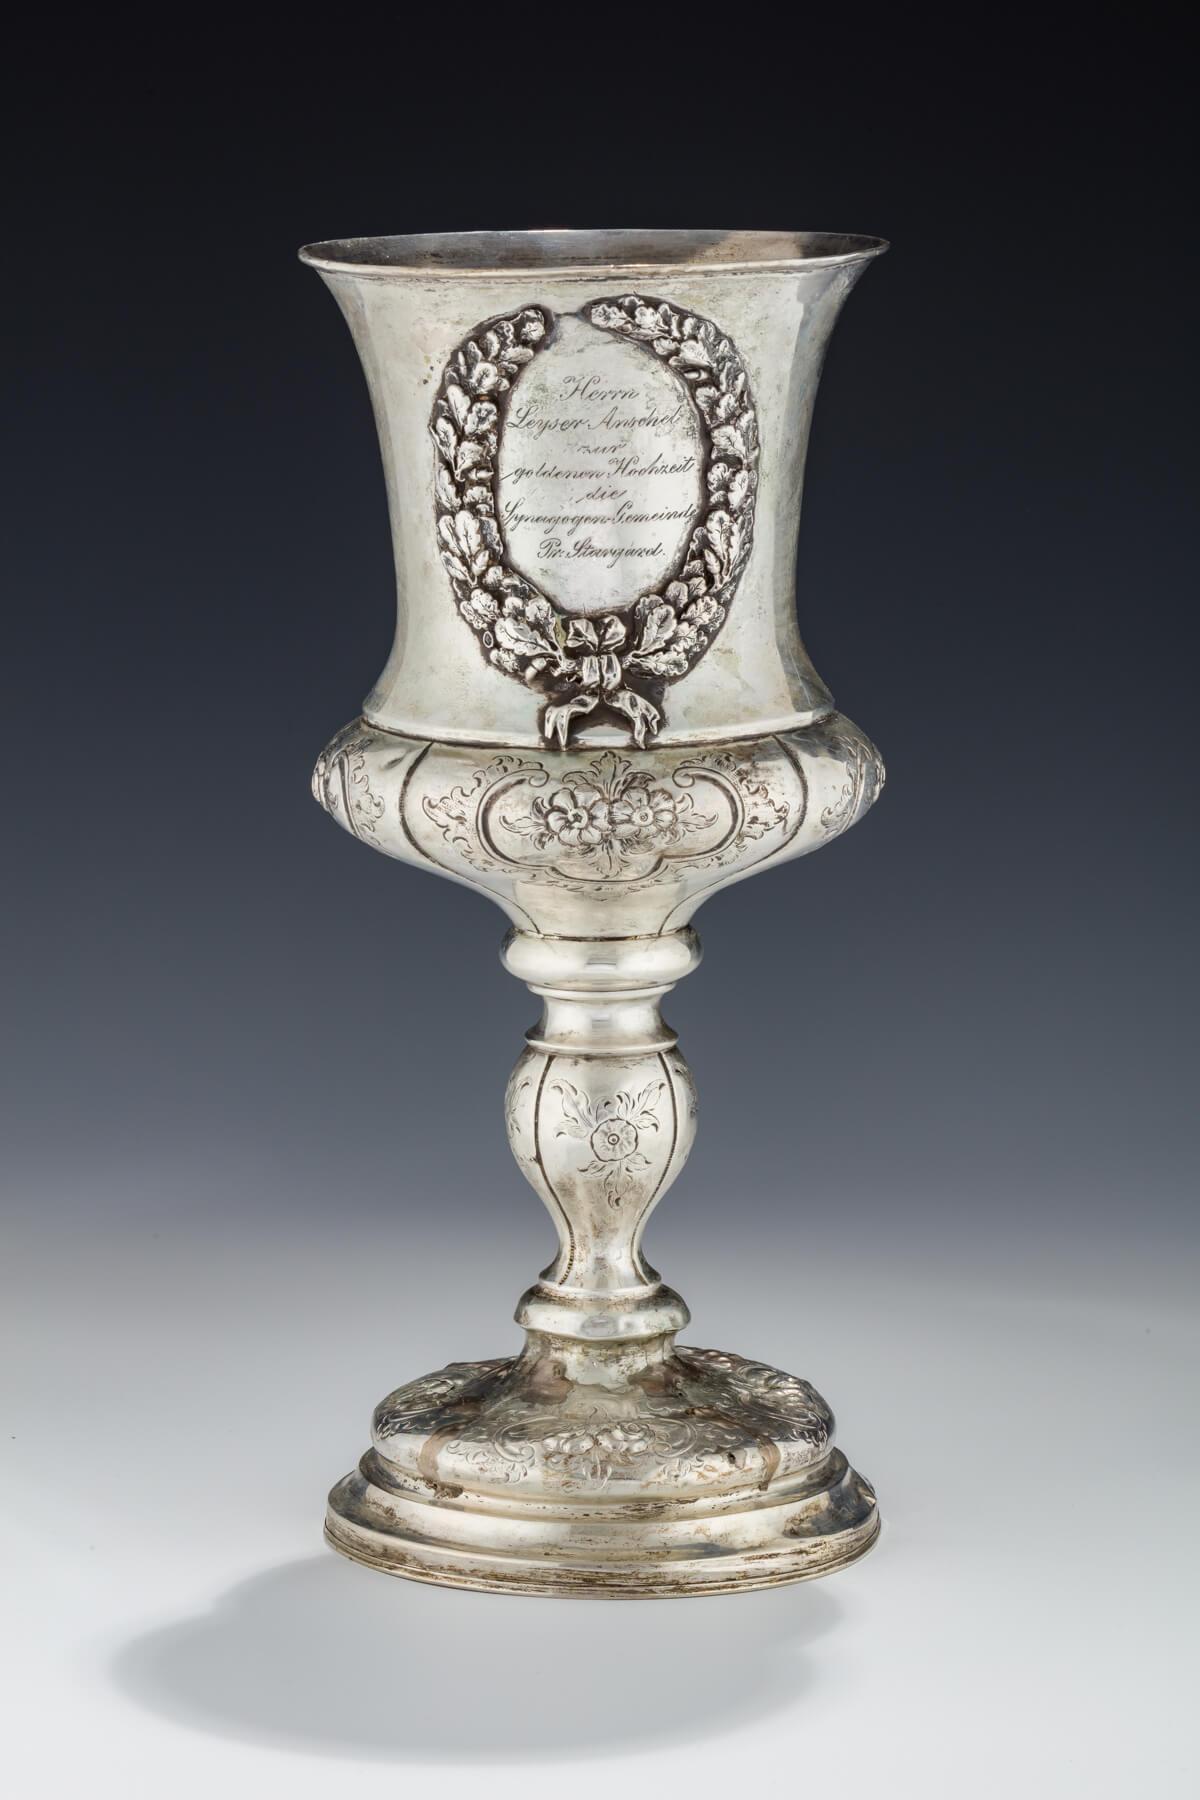 064. A Monumental Silver Presentation Goblet